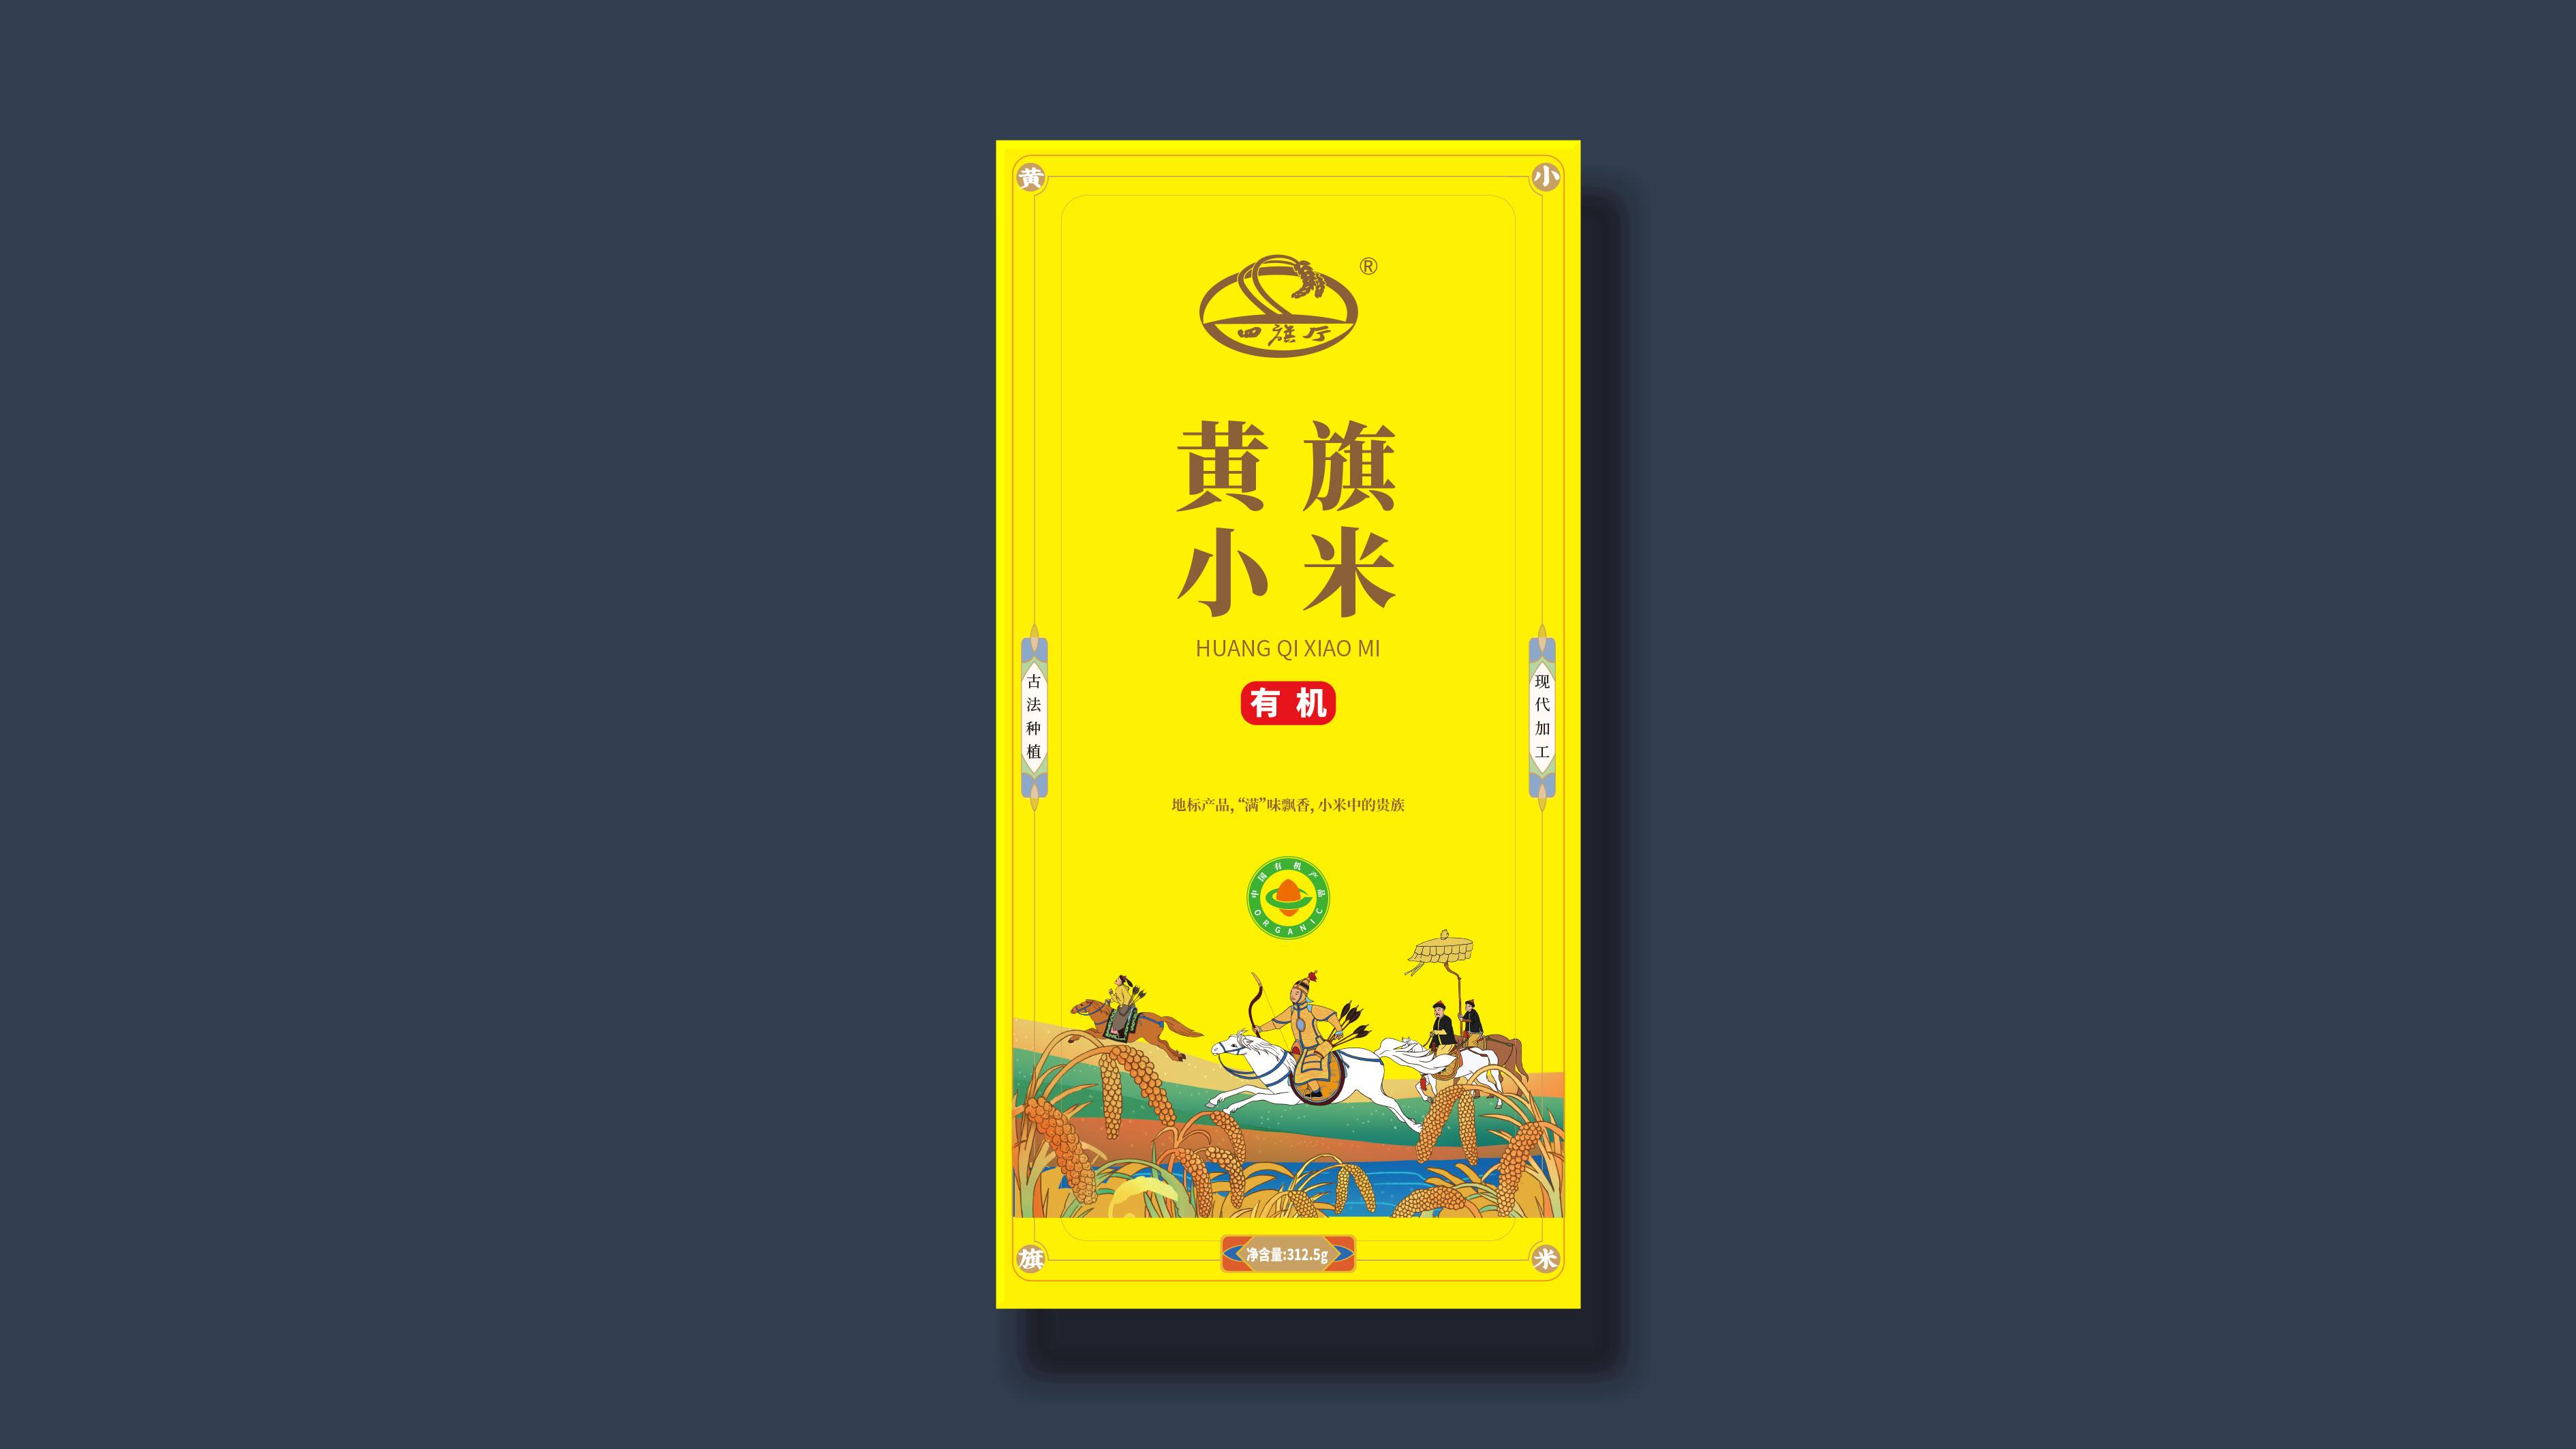 四旗廳黃旗小米包裝延展設計